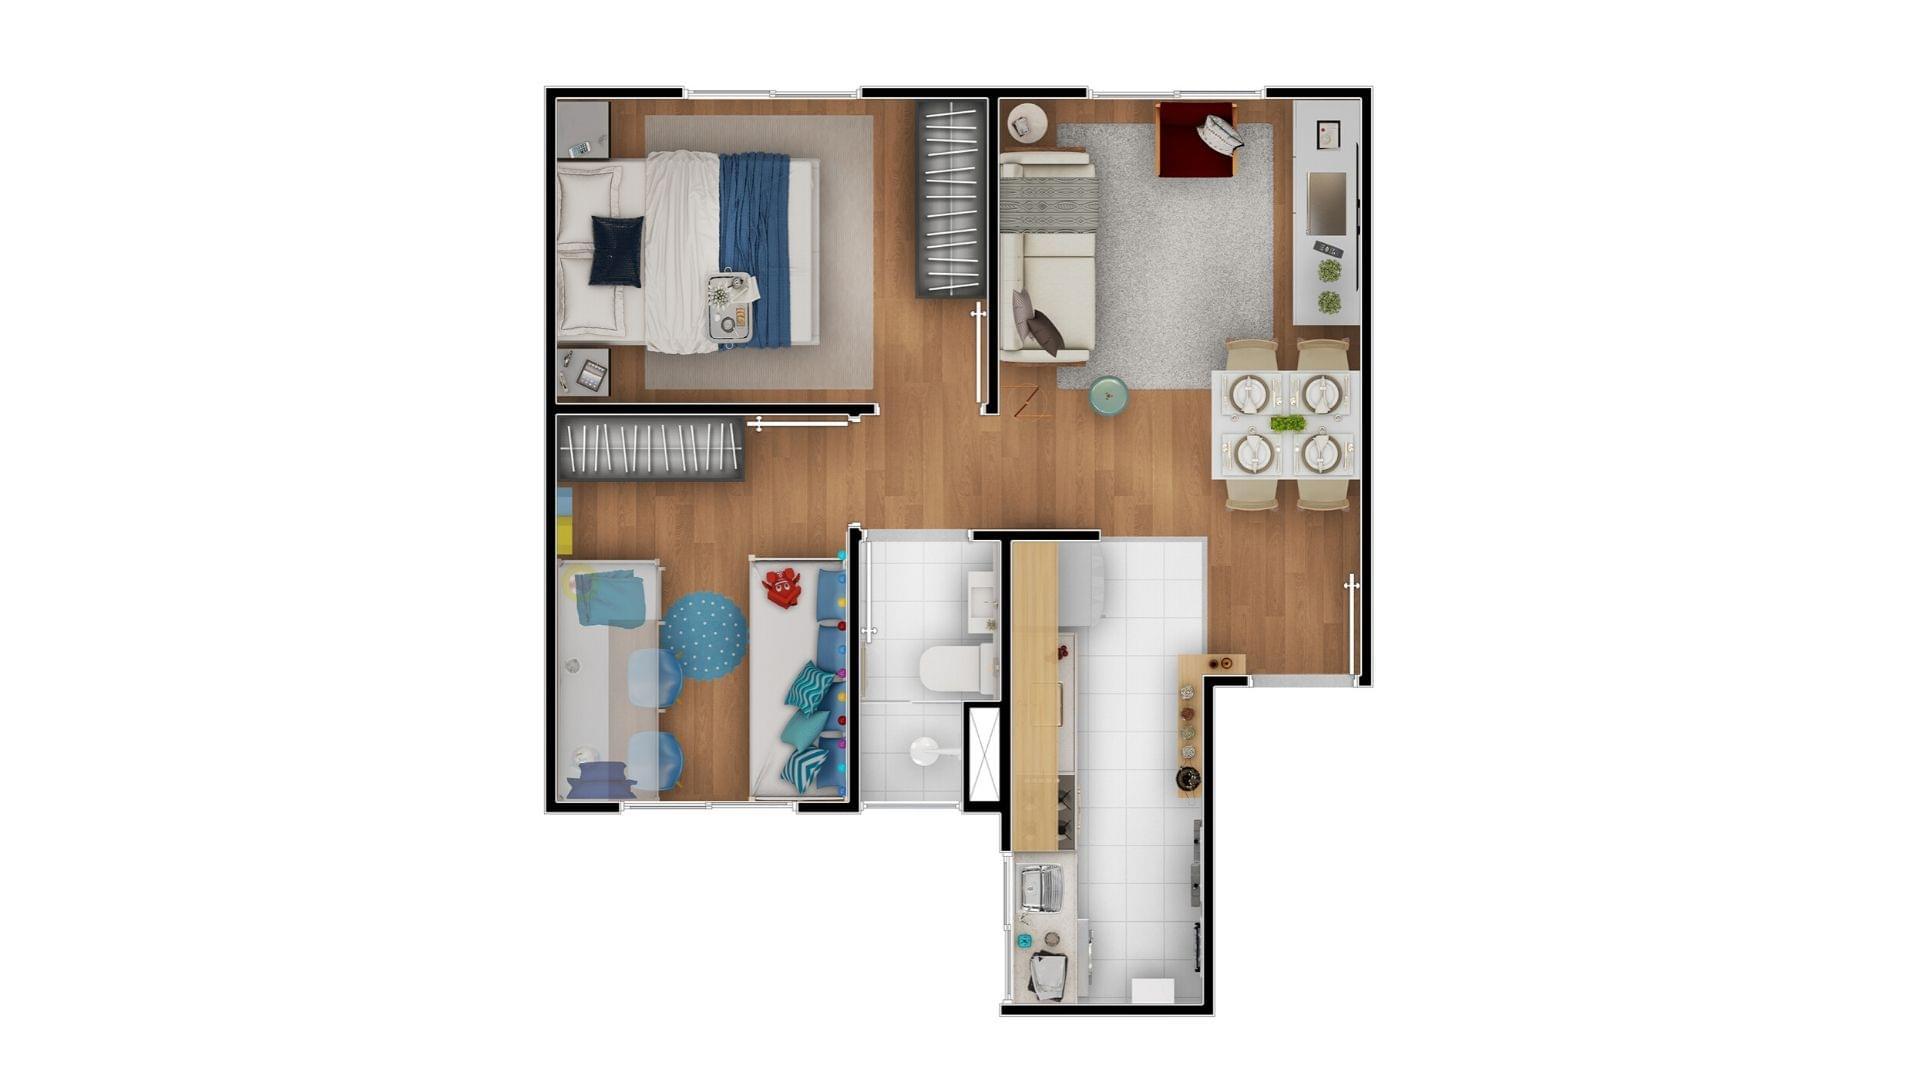 Planta de apartamento em Residencial Terra Brasilis - Praia de Itacimirim | Camaçari | BA | planta 1 | tenda.com